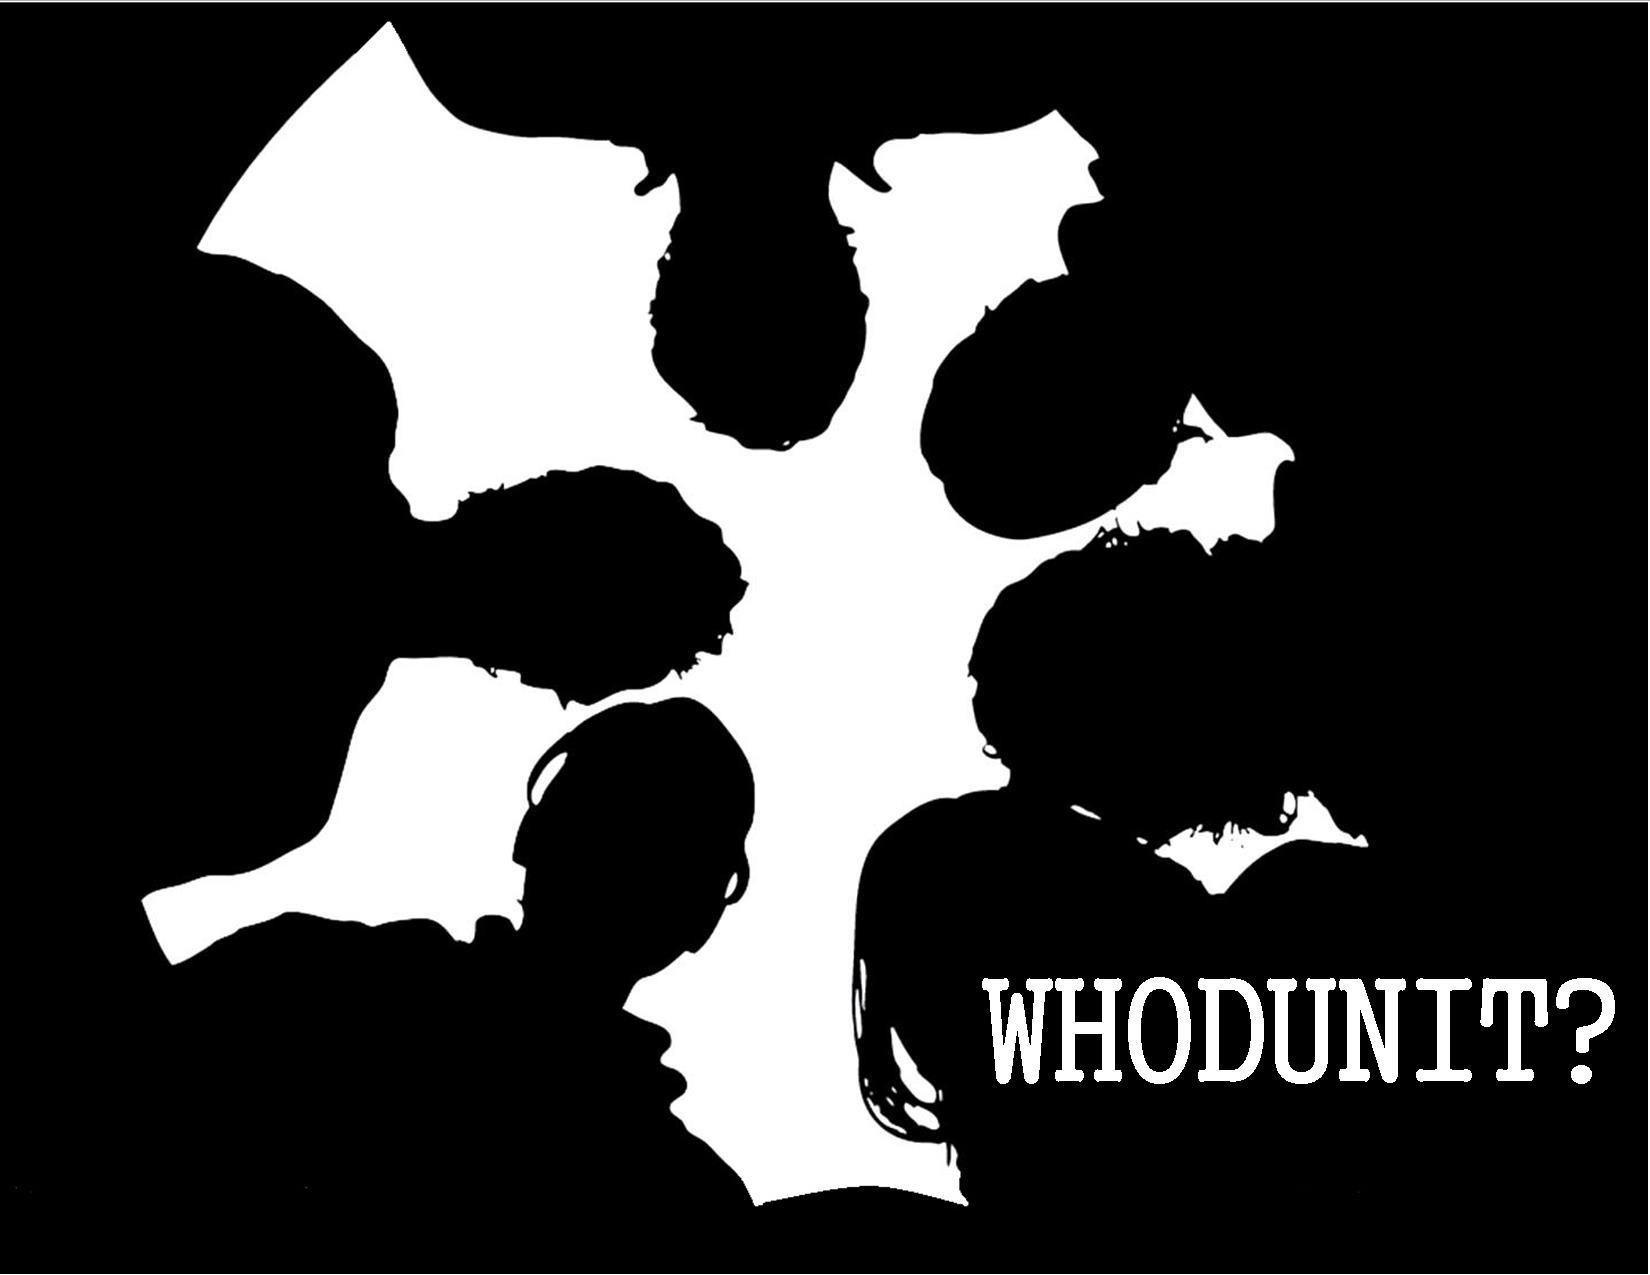 WhoDunit Again?